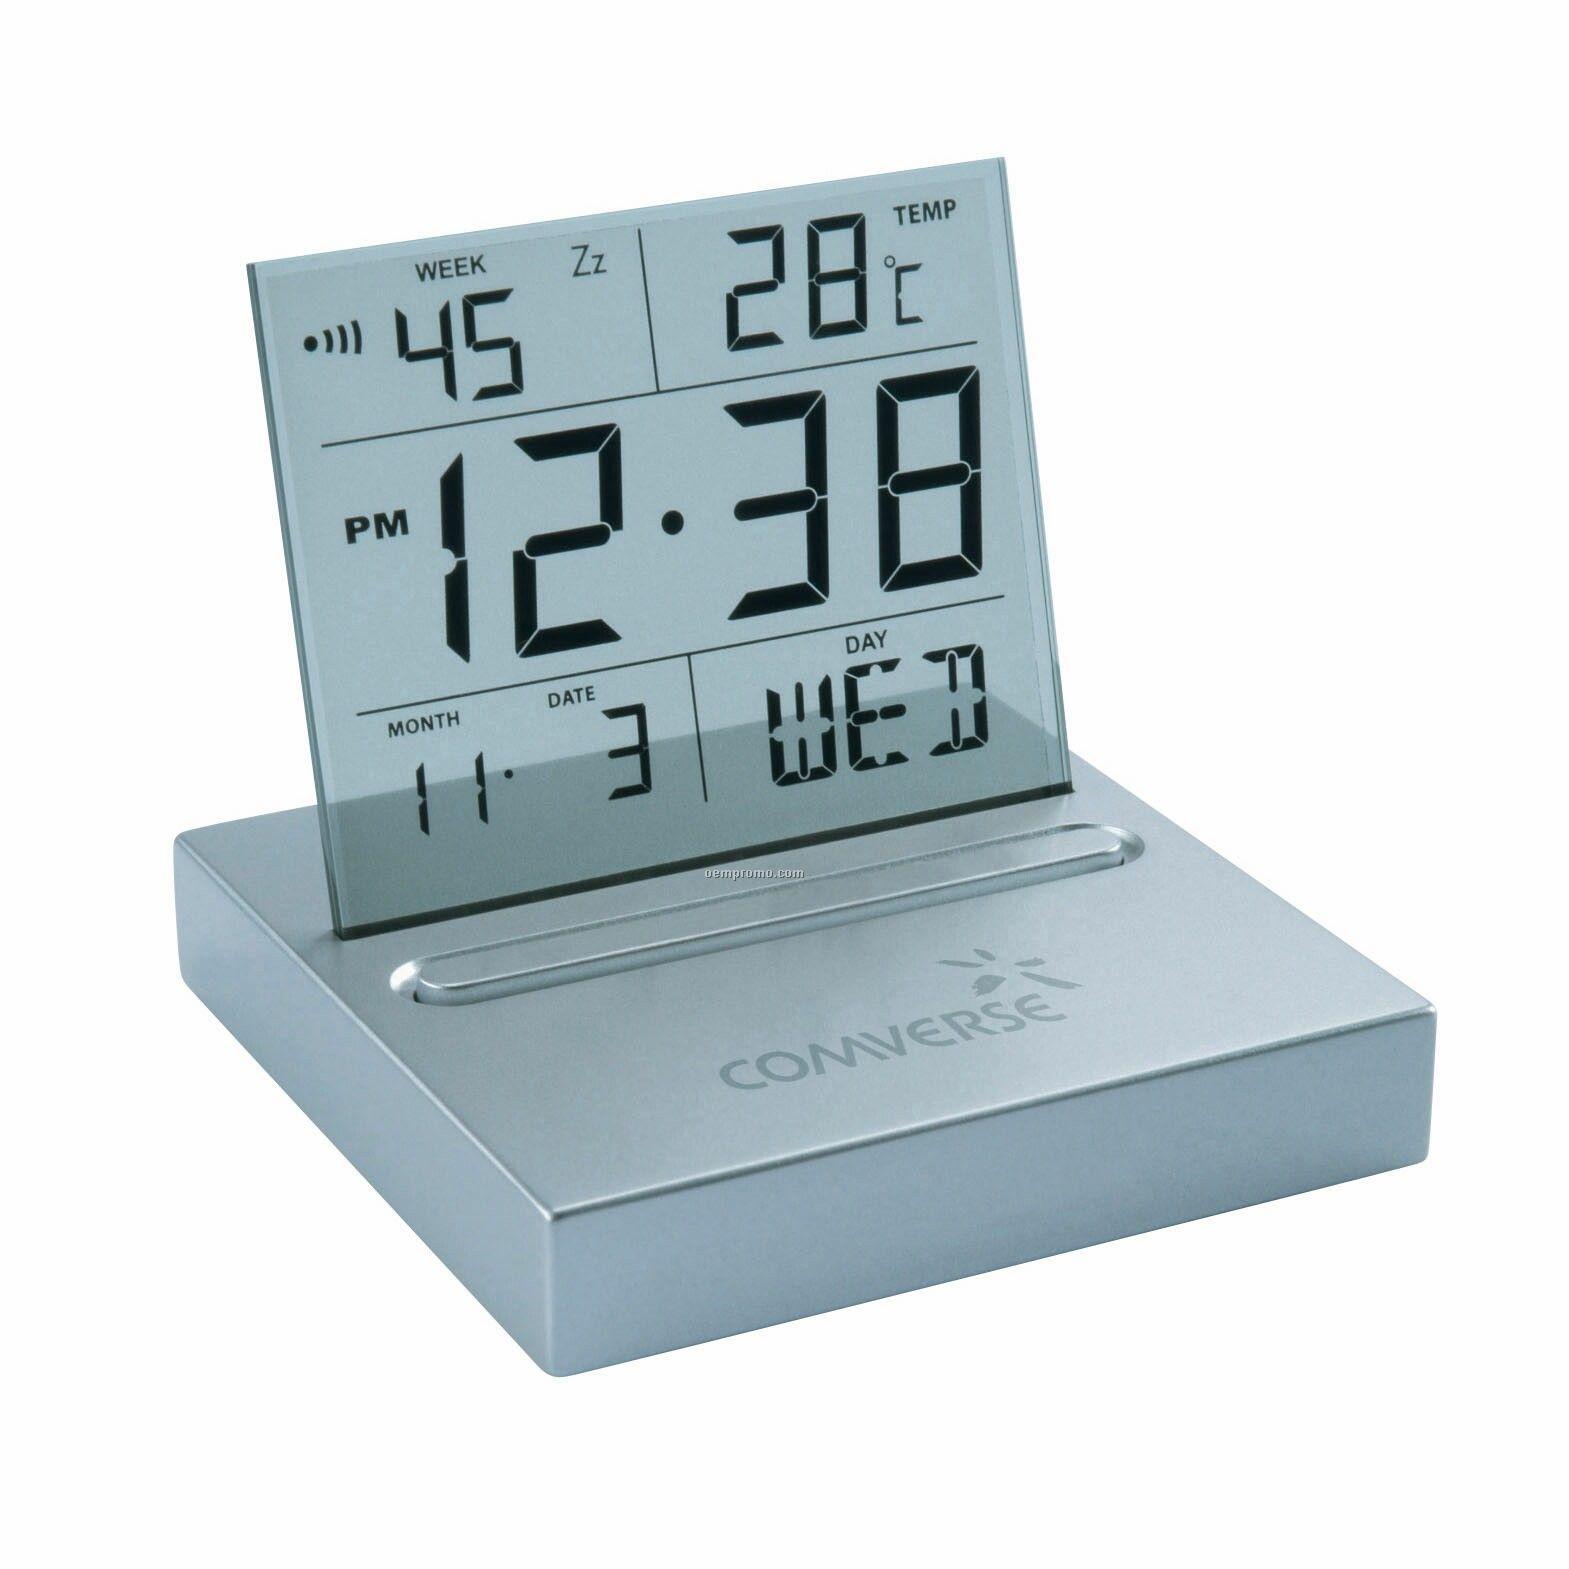 Flagstone Desktop Clock (6 1/2cmx6 1/2cmx5 4/5cm)